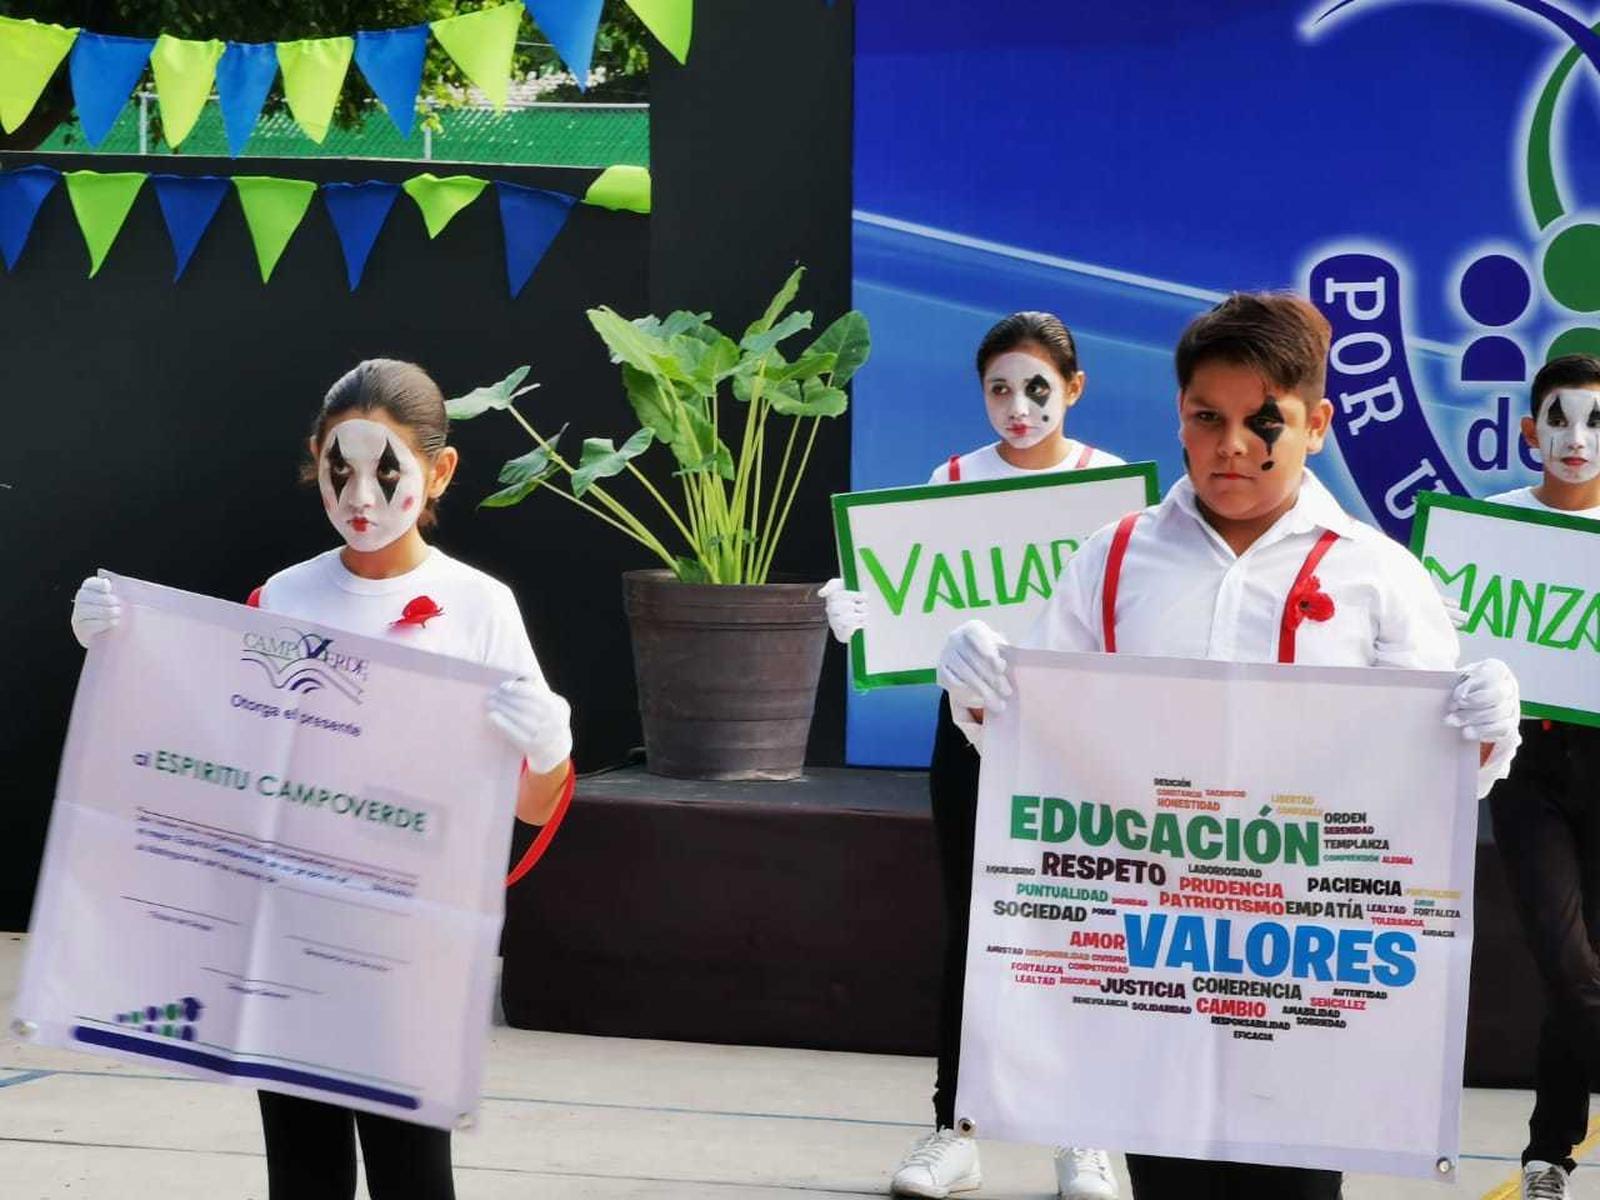 Aniversario de Campoverde